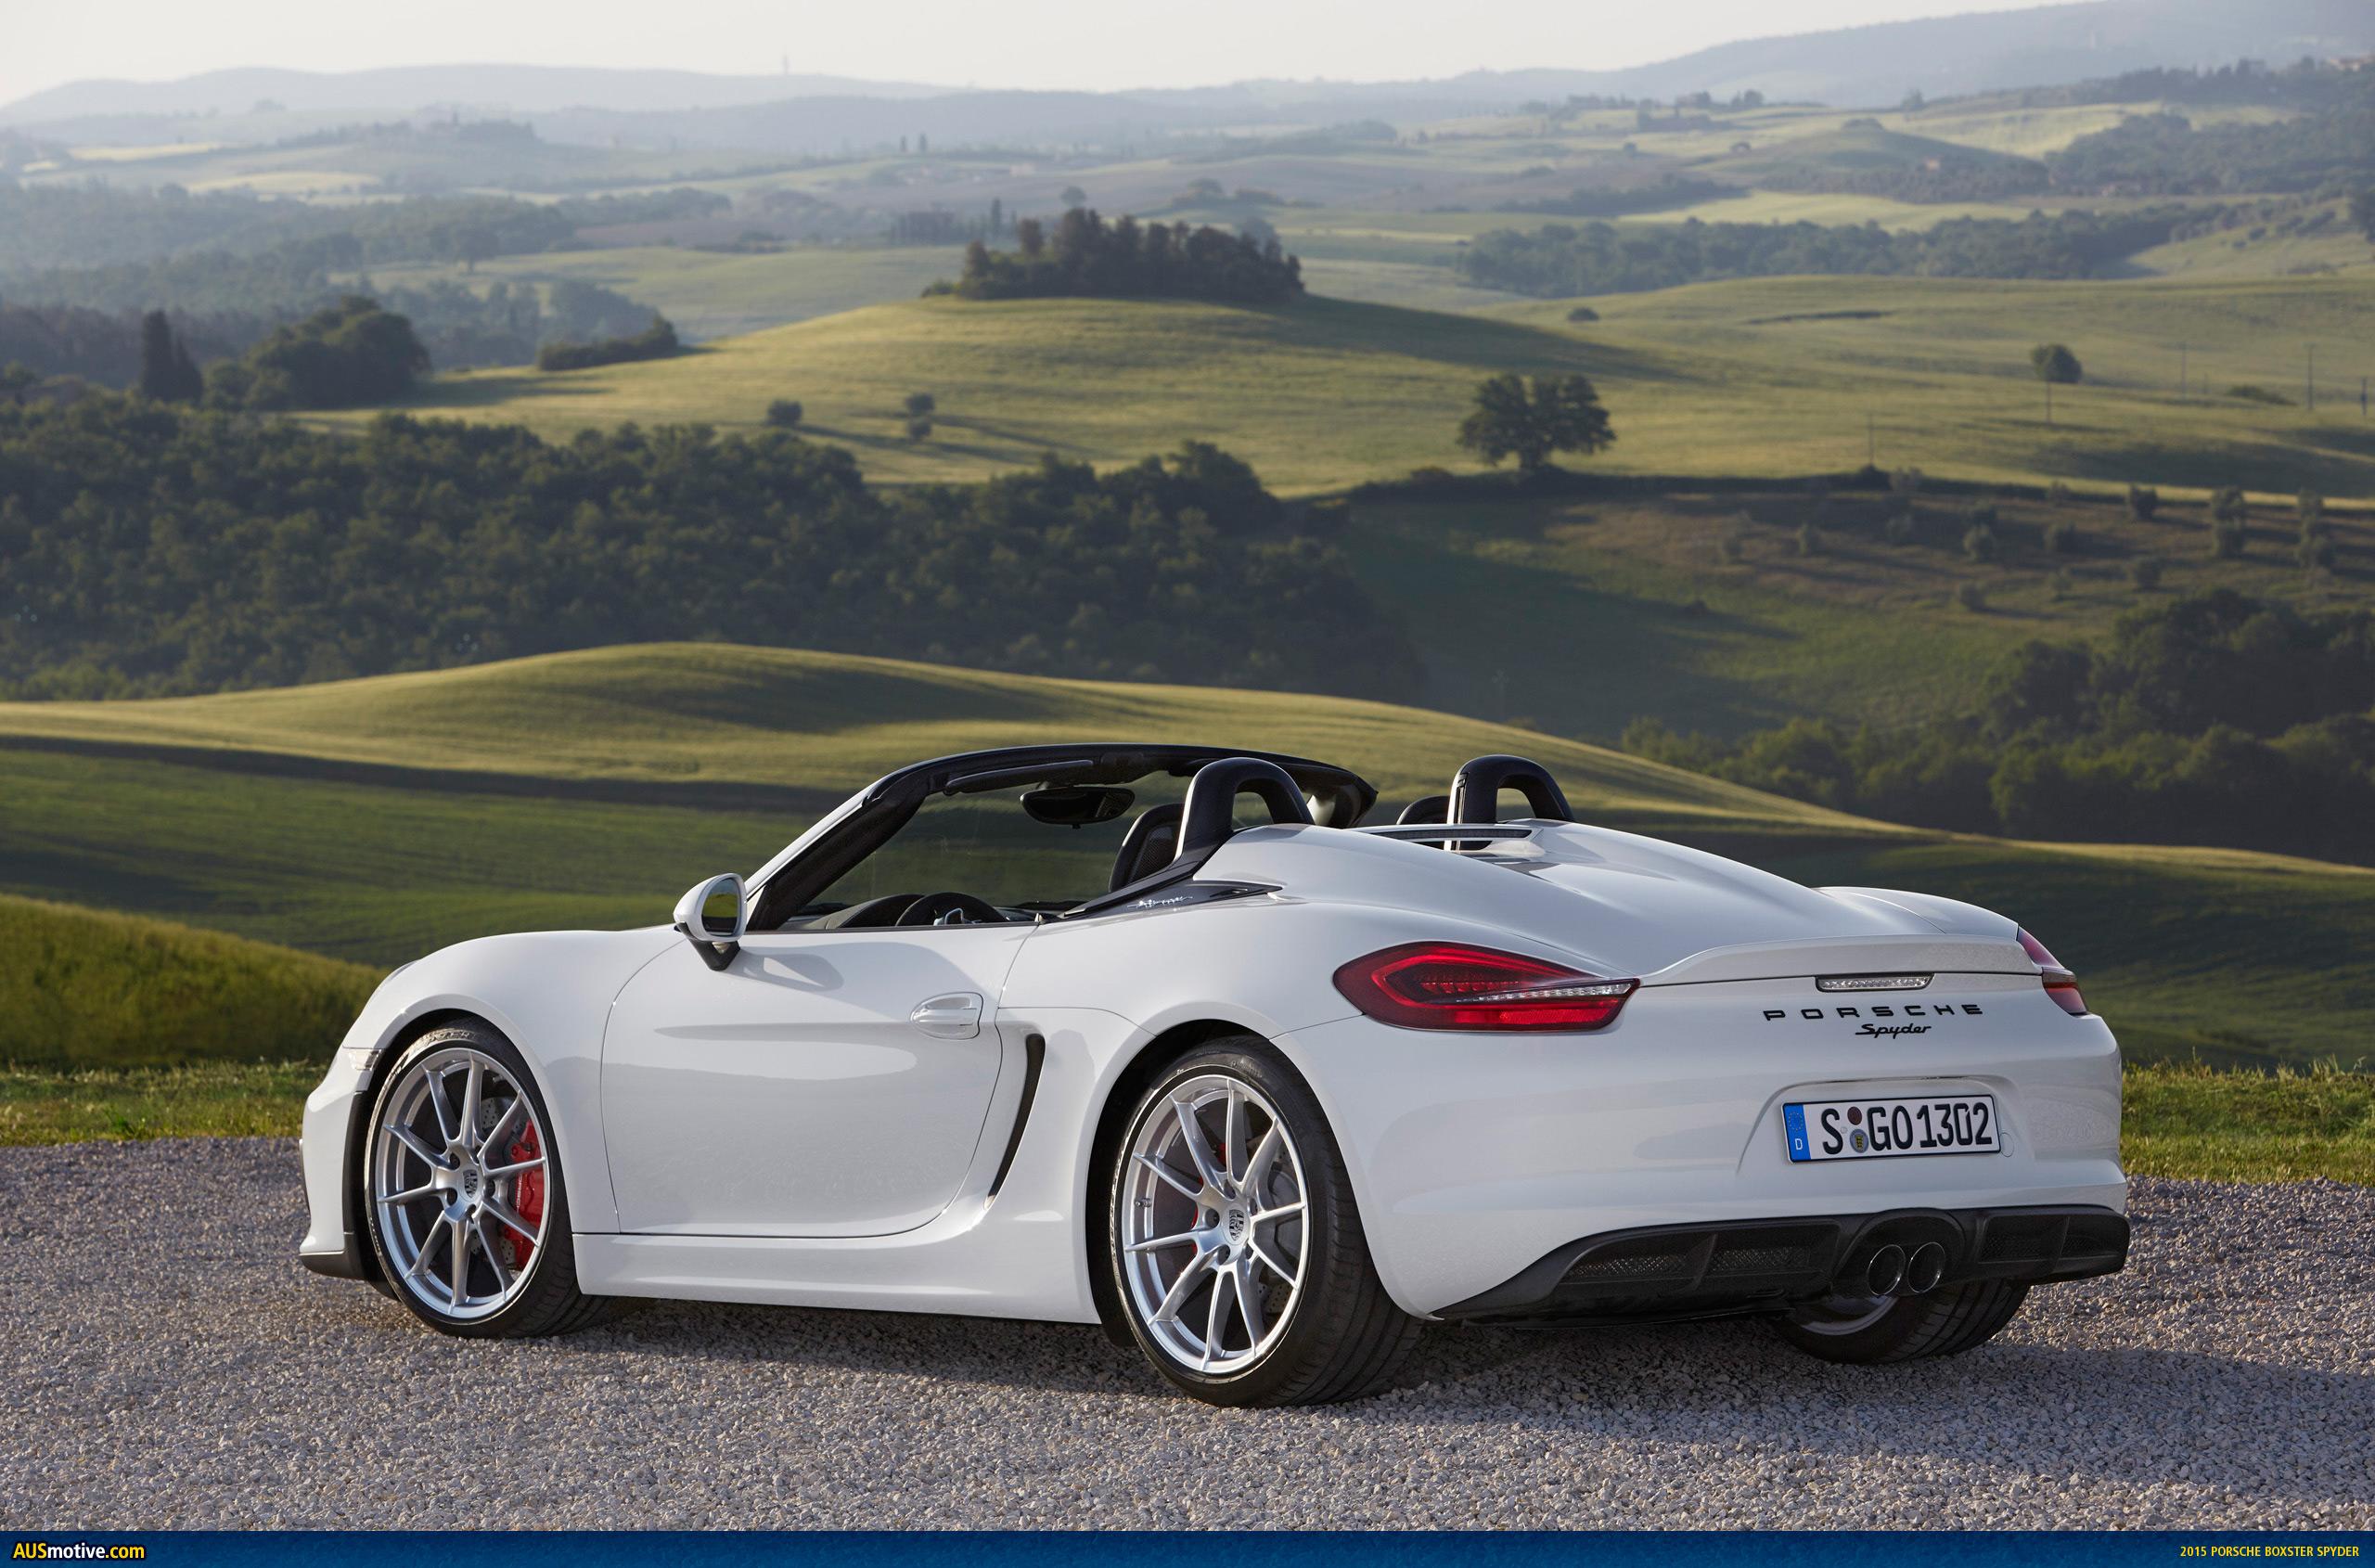 Porsche Boxster Wallpaper Hd Ausmotive Com 187 2015 Porsche Boxster Spyder In Detail